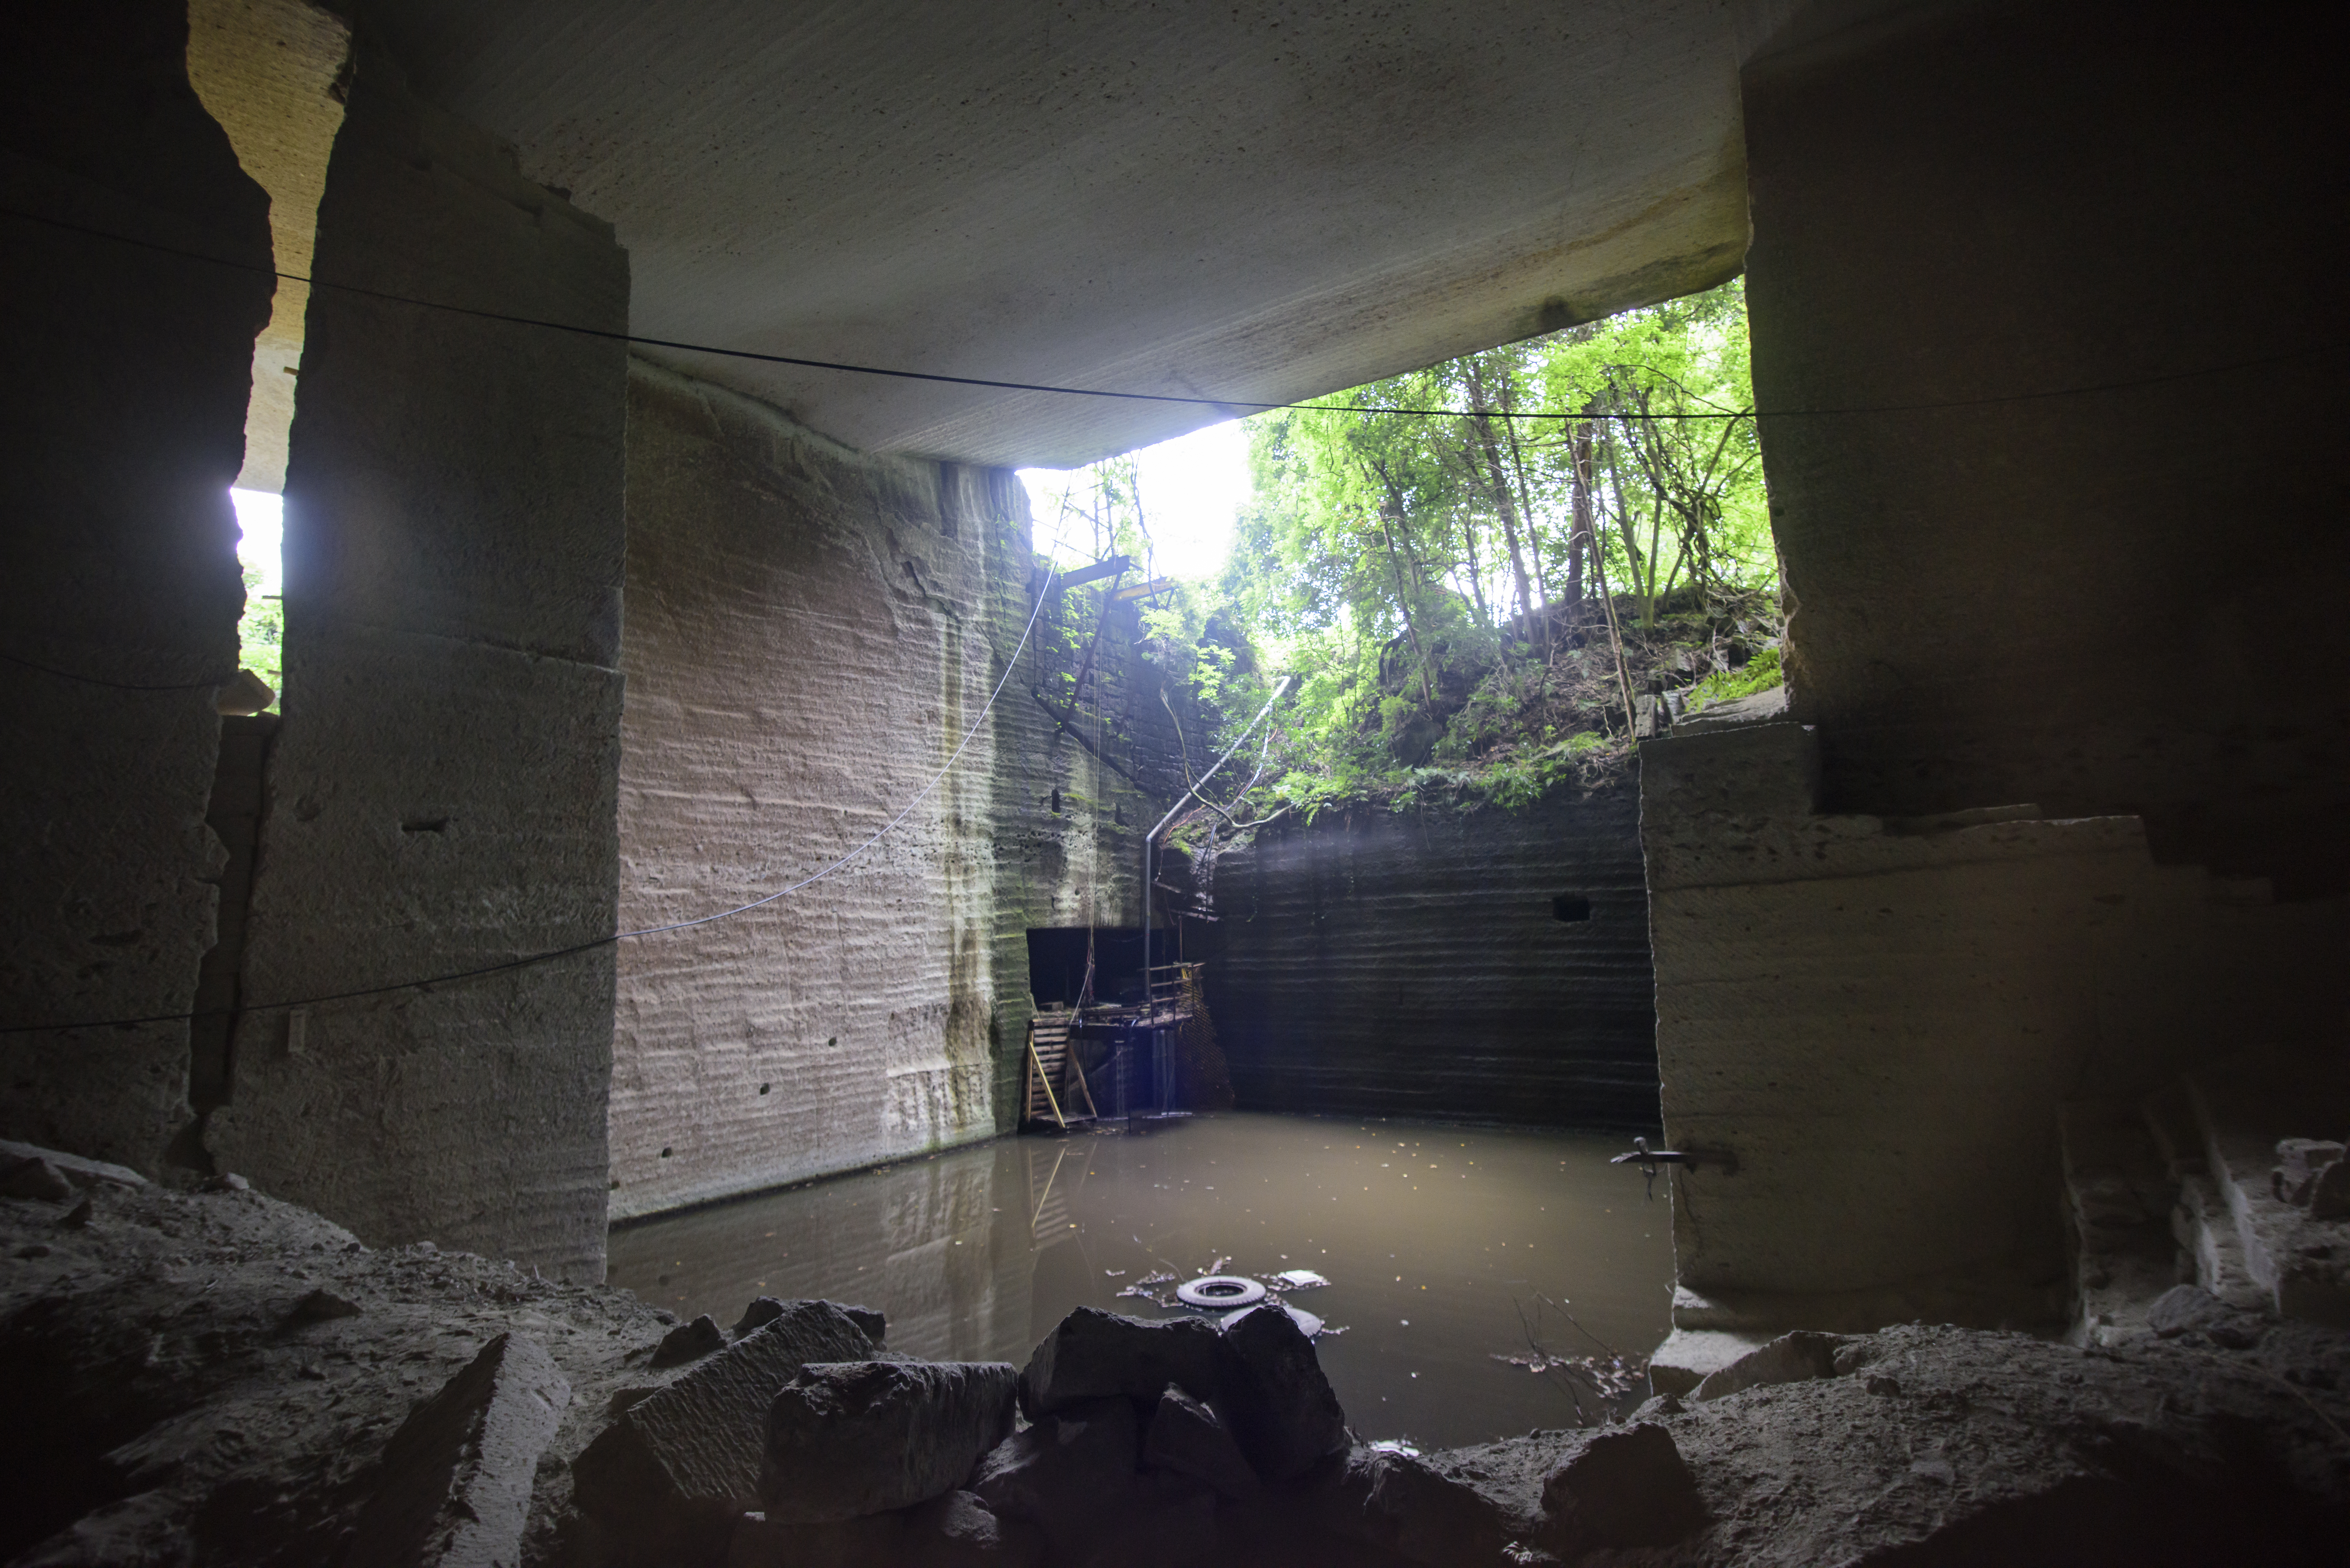 プール廃墟の折れたスライダー|ぱくたそフリー素材